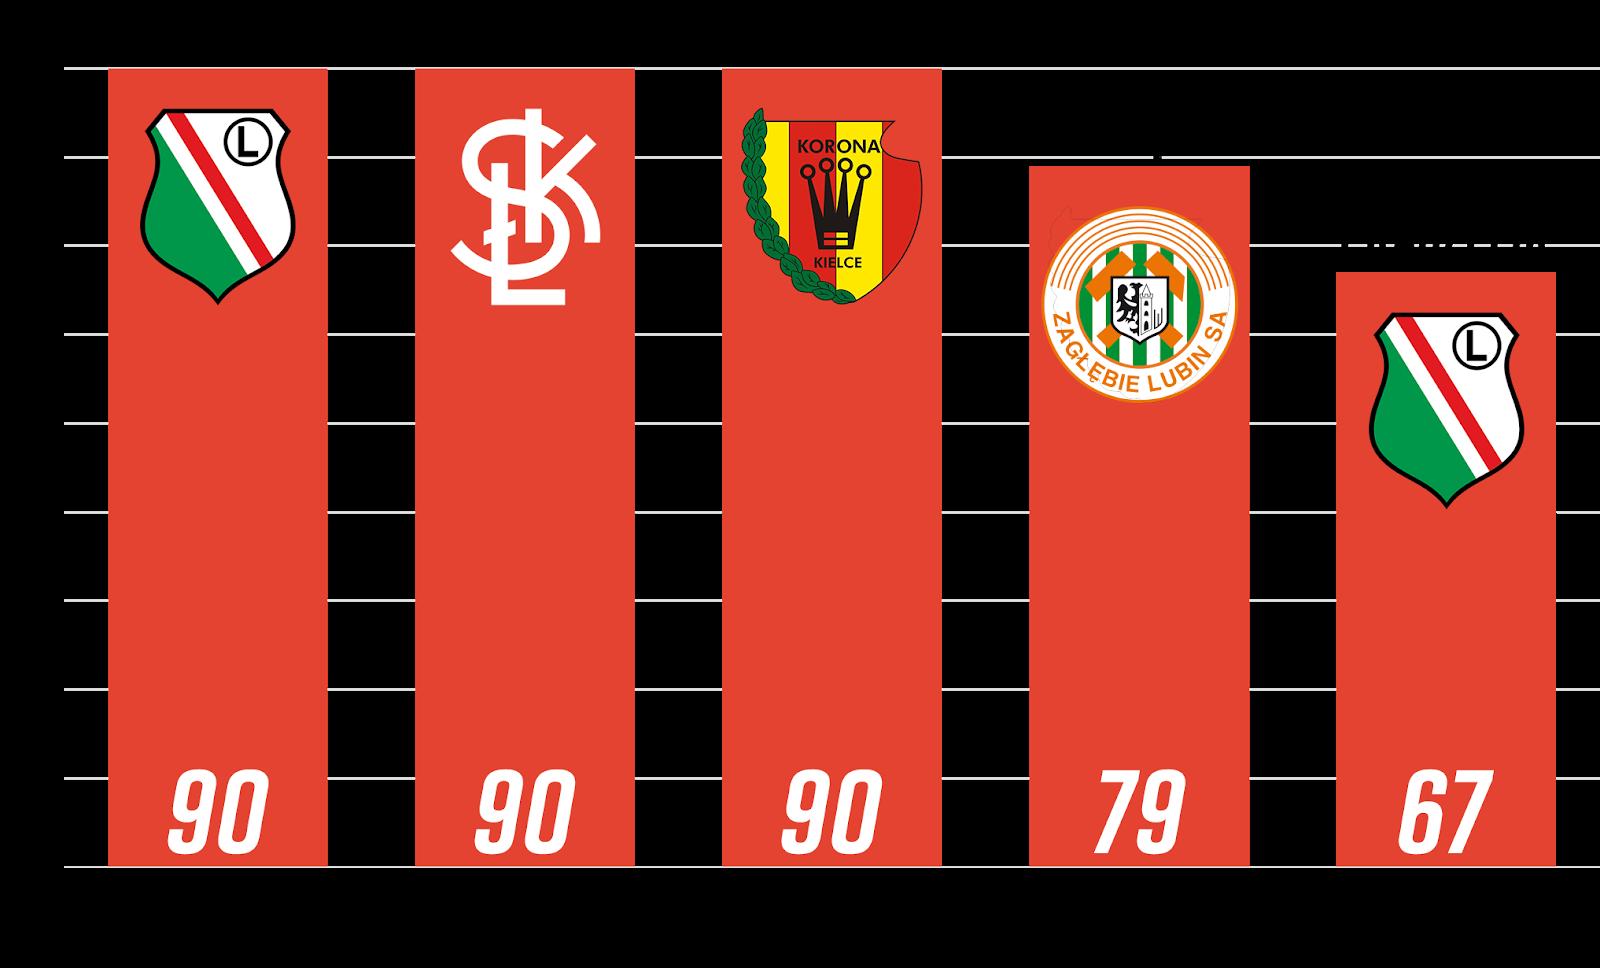 Ranking zawodników z rocznika 1999 i młodsi z największą liczbą rozegranych minut w 1. kolejce PKO Ekstraklasy<br><br>Źródło: Opracowanie własne na podstawie 90minut.pl<br><br>graf. Bartosz Urban